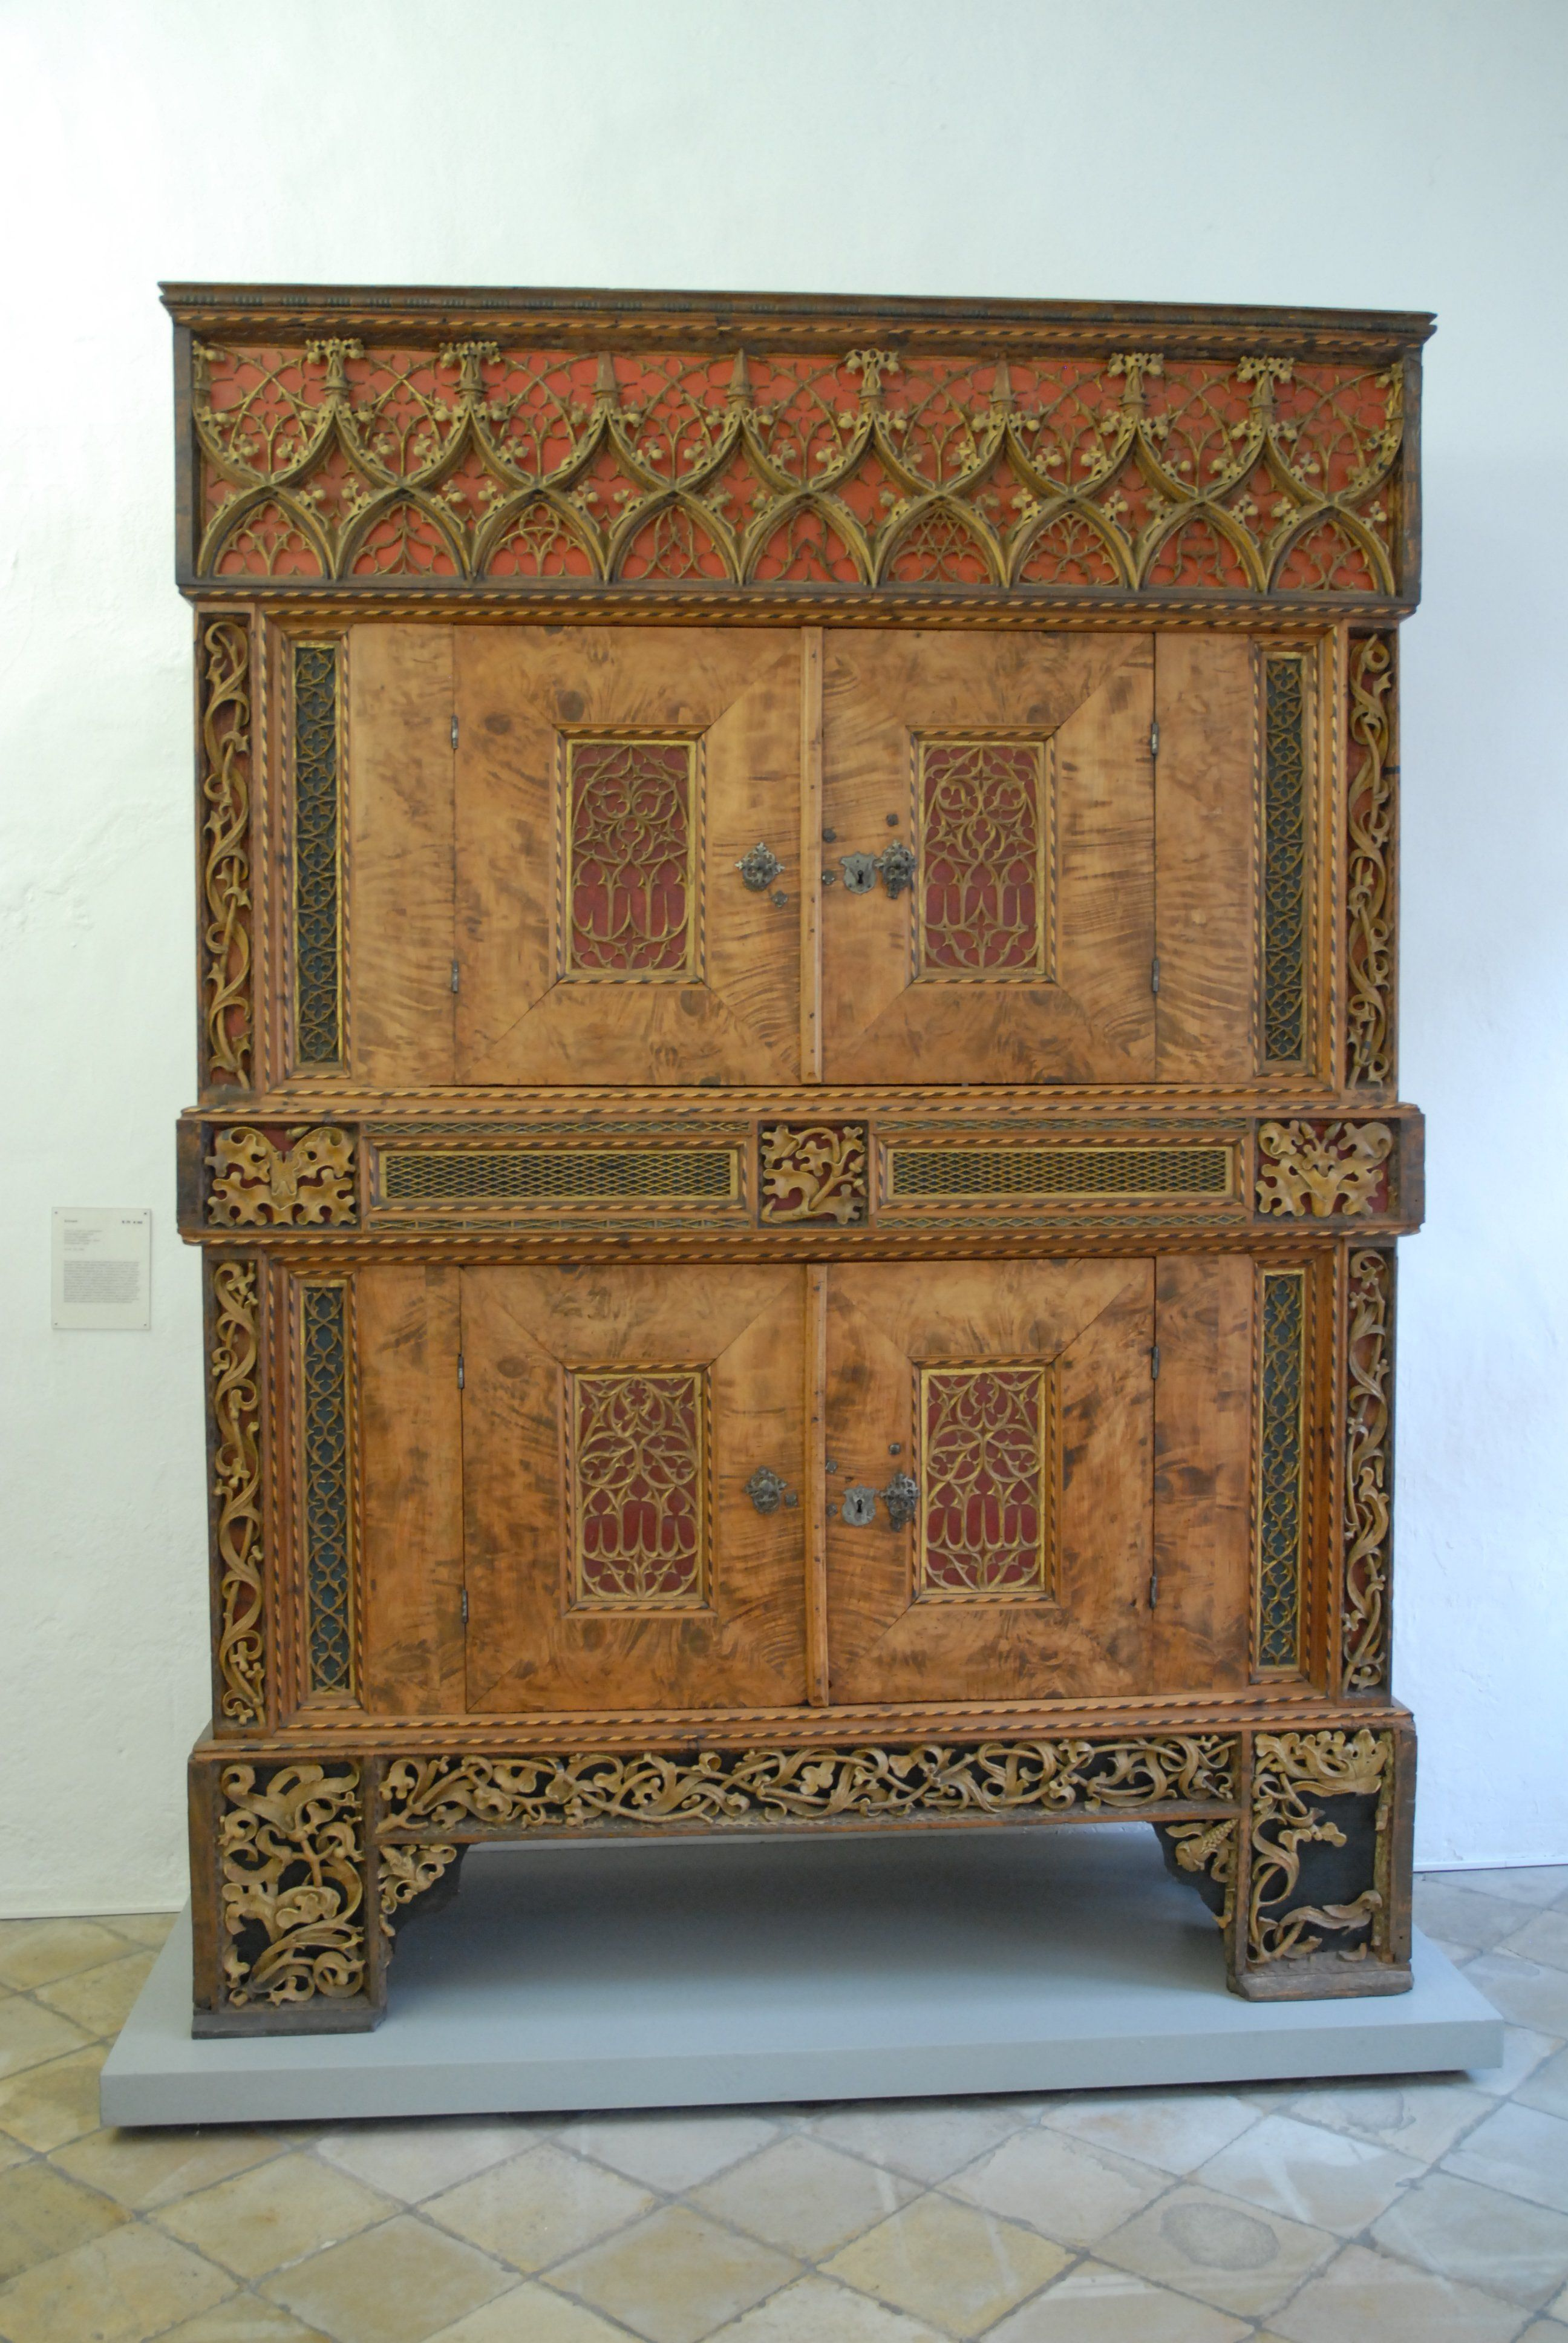 Gotischer Schrank 15. Jahrhundert. Wahrscheinlich aus der ...